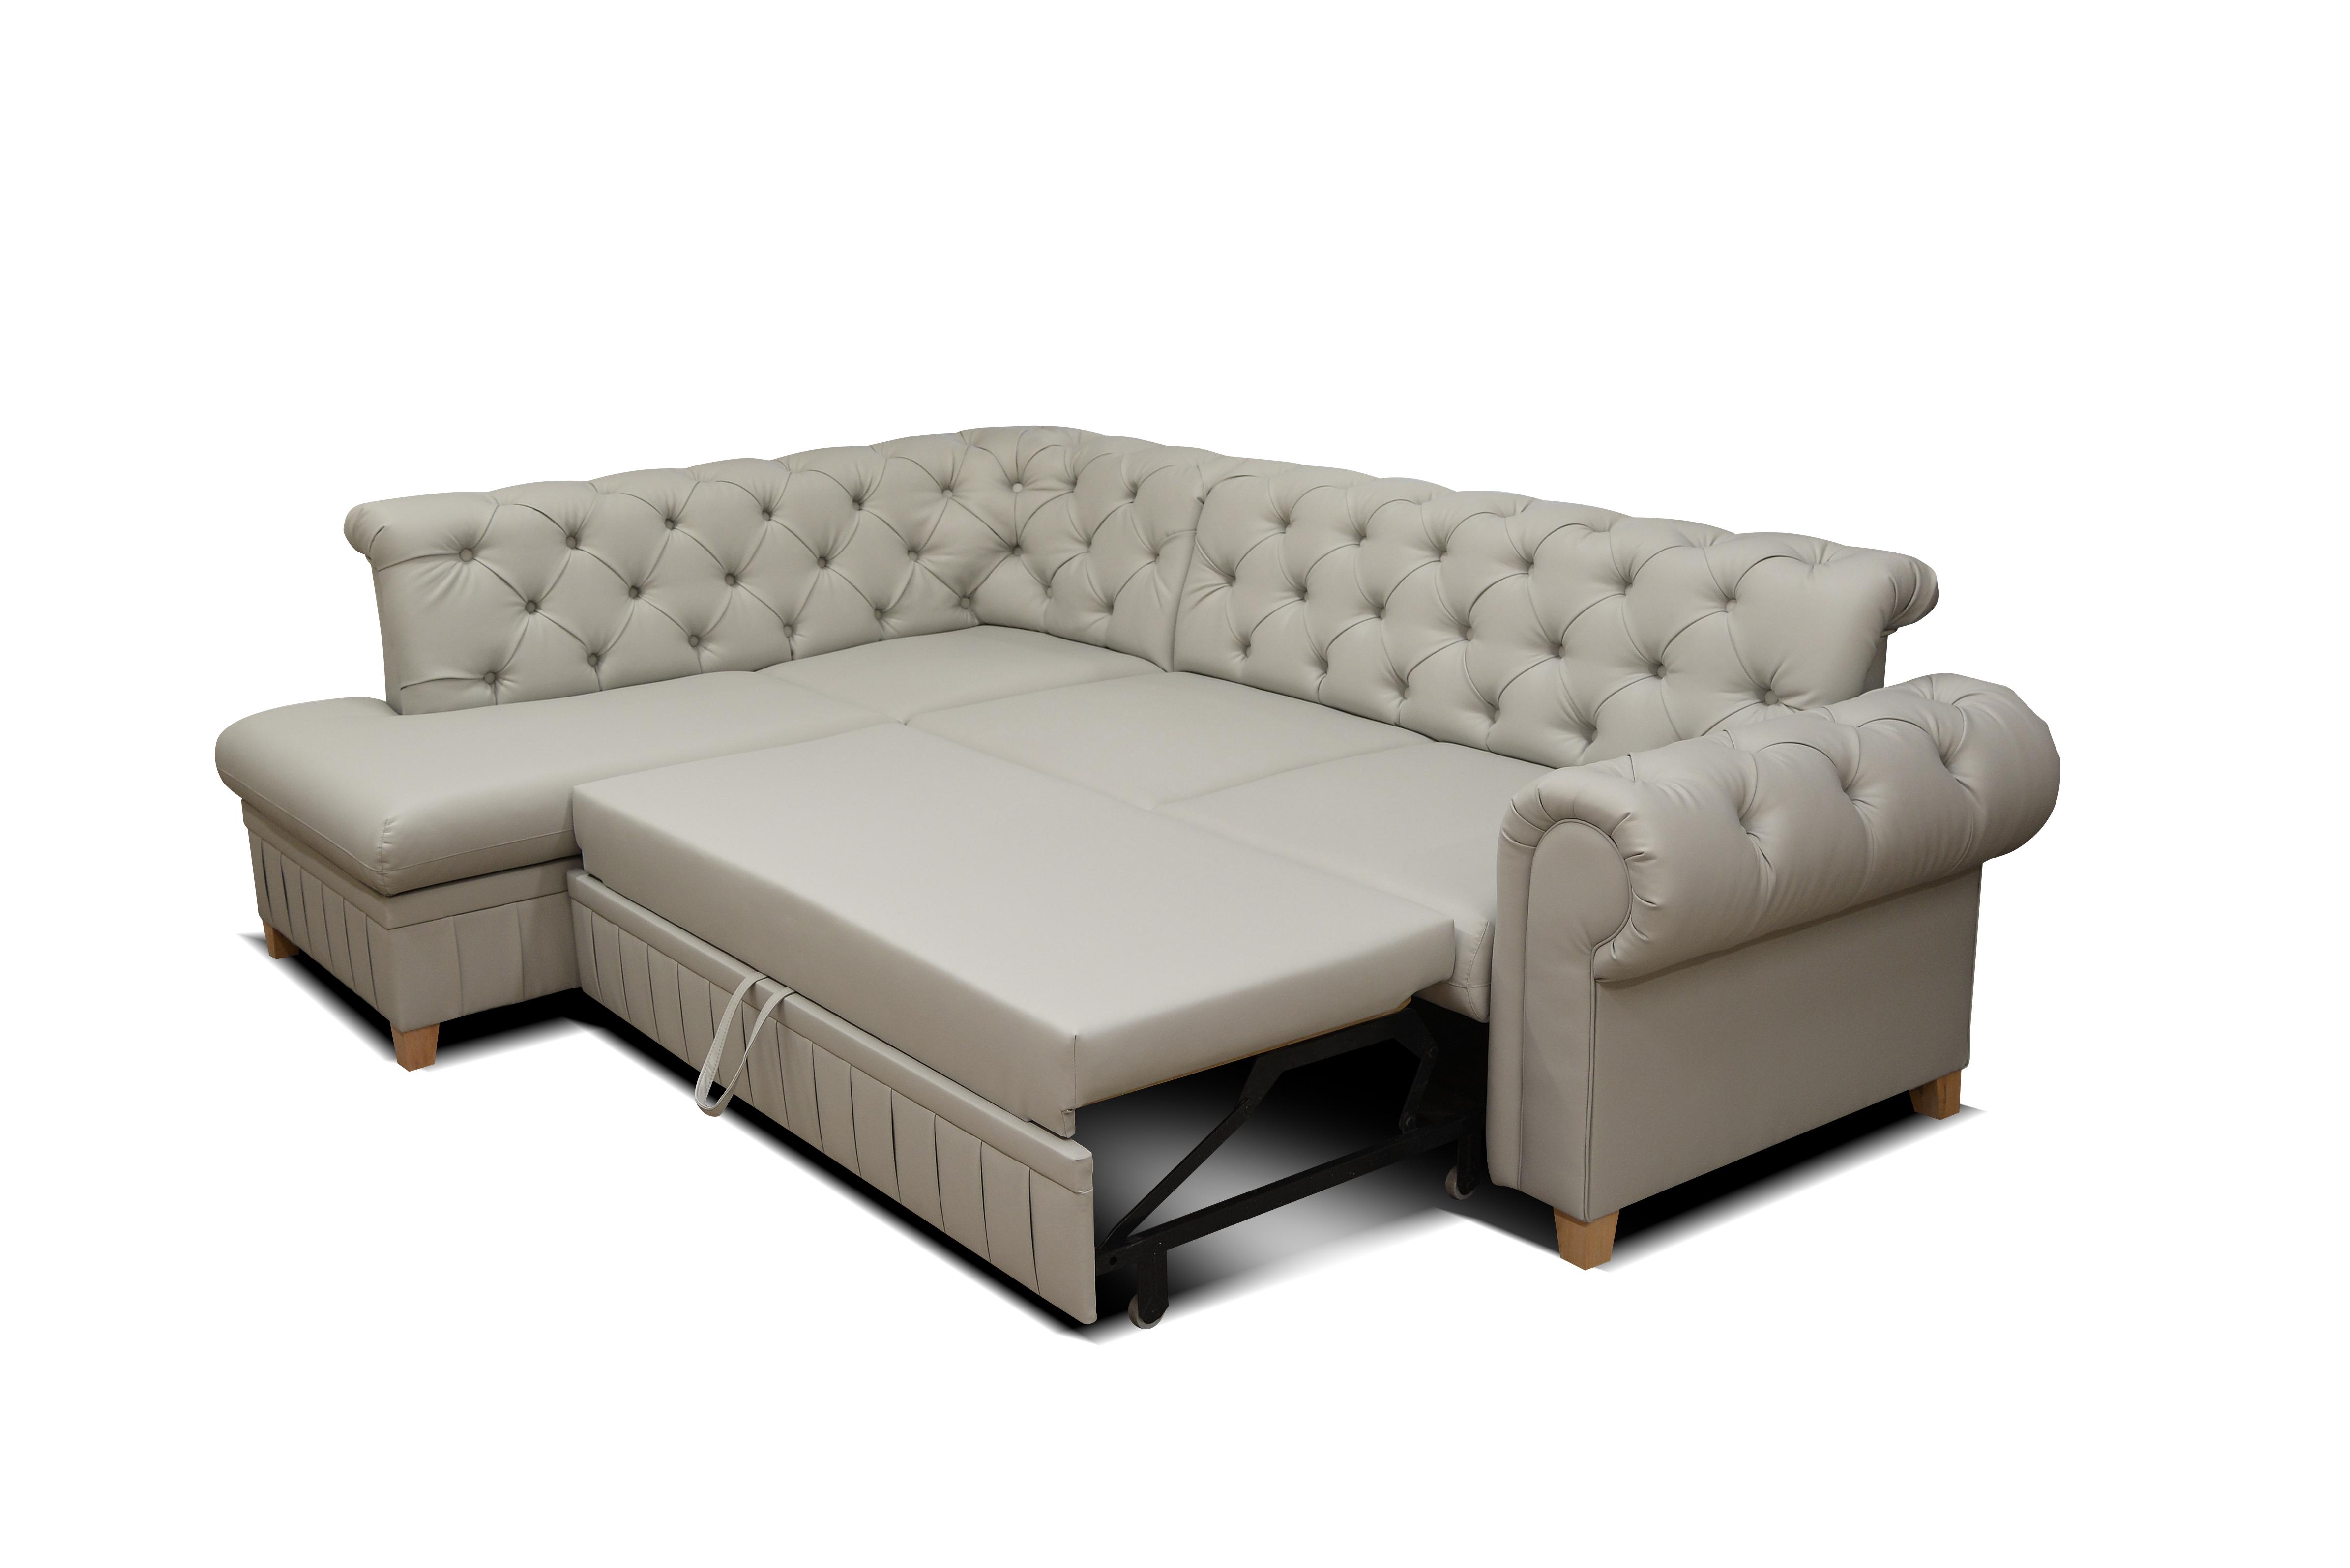 ecksofa mit schlaffunktion und bettkasten couch sofa beige chesterfield ebay. Black Bedroom Furniture Sets. Home Design Ideas